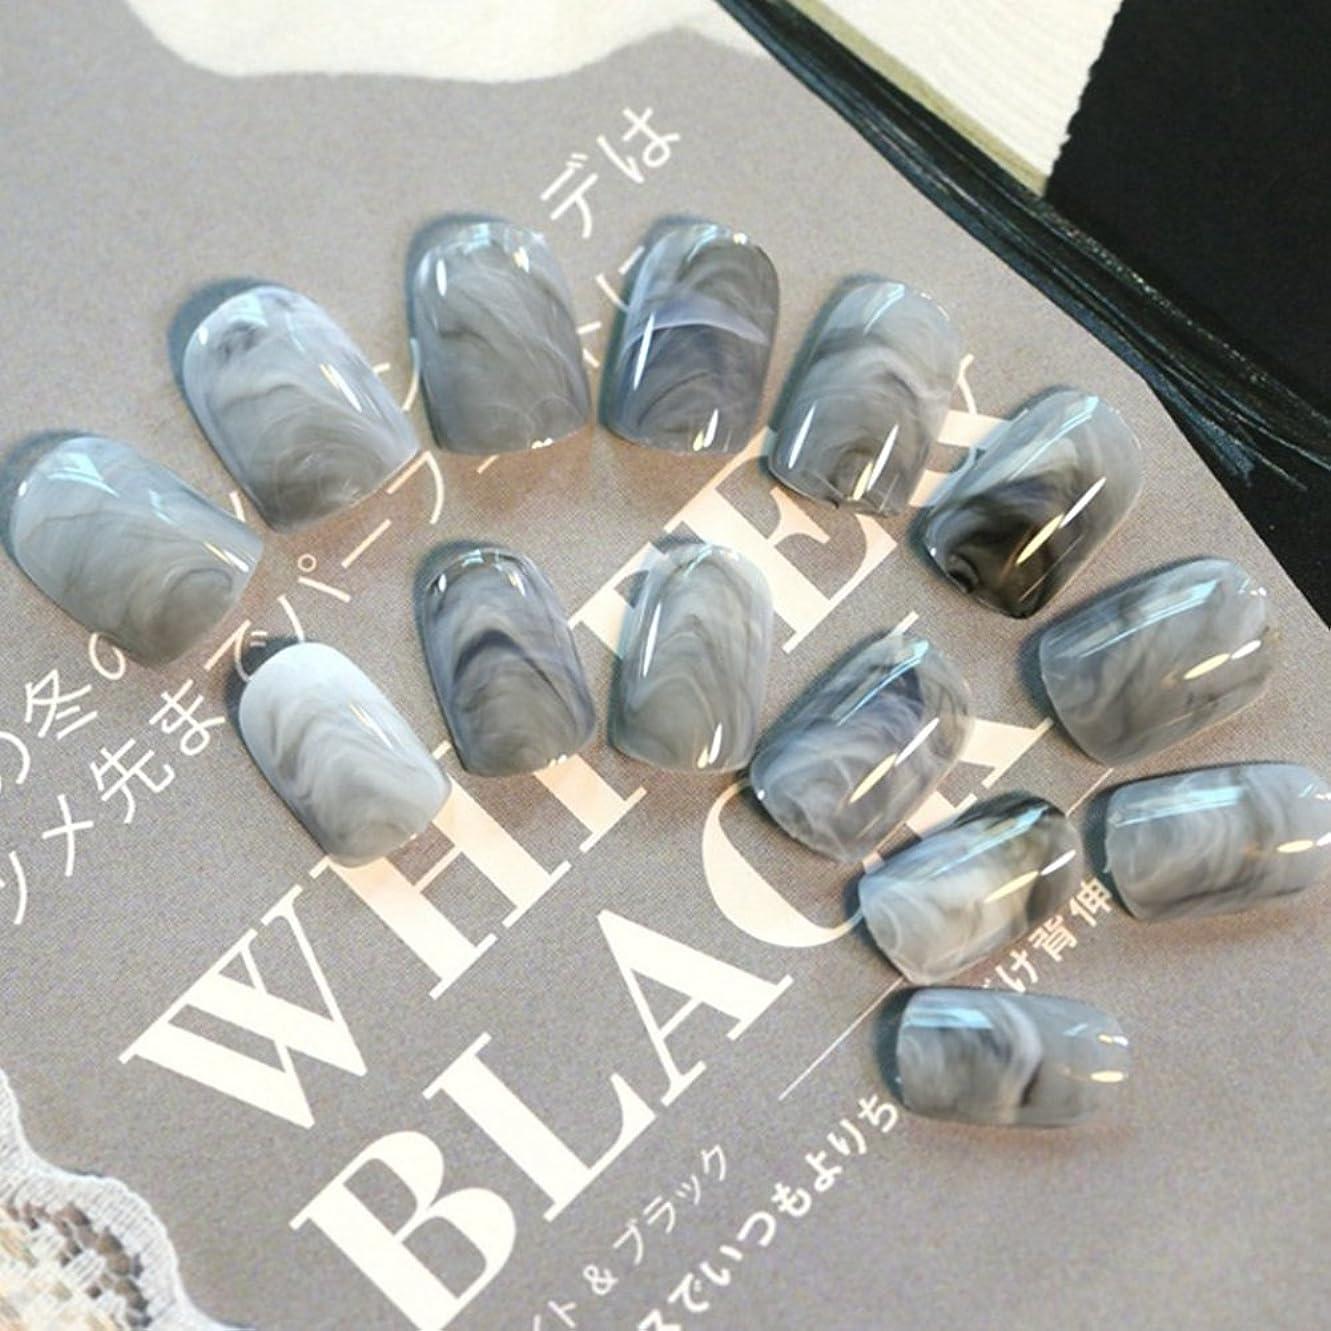 財政ペチコートアルファベット24pcsグレー大理石の指の先端短い偽の爪アクリルフルカバーネイル